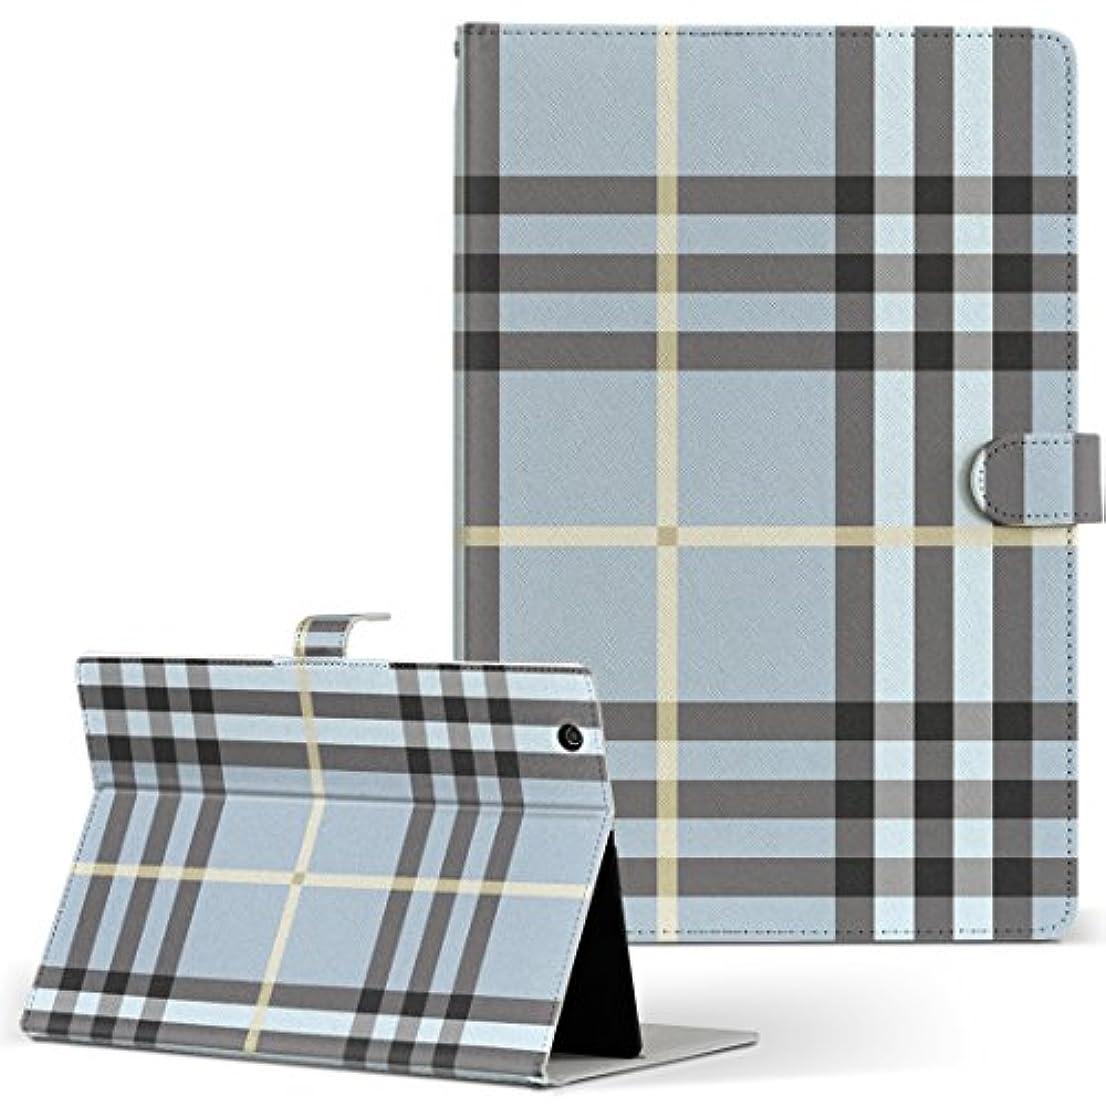 雑品自己尊重ヘルシーigcase KYT33 Qua tab QZ10 キュアタブ quatabqz10 手帳型 タブレットケース カバー レザー フリップ ダイアリー 二つ折り 革 直接貼り付けタイプ 010835 チェック 水色 グレー